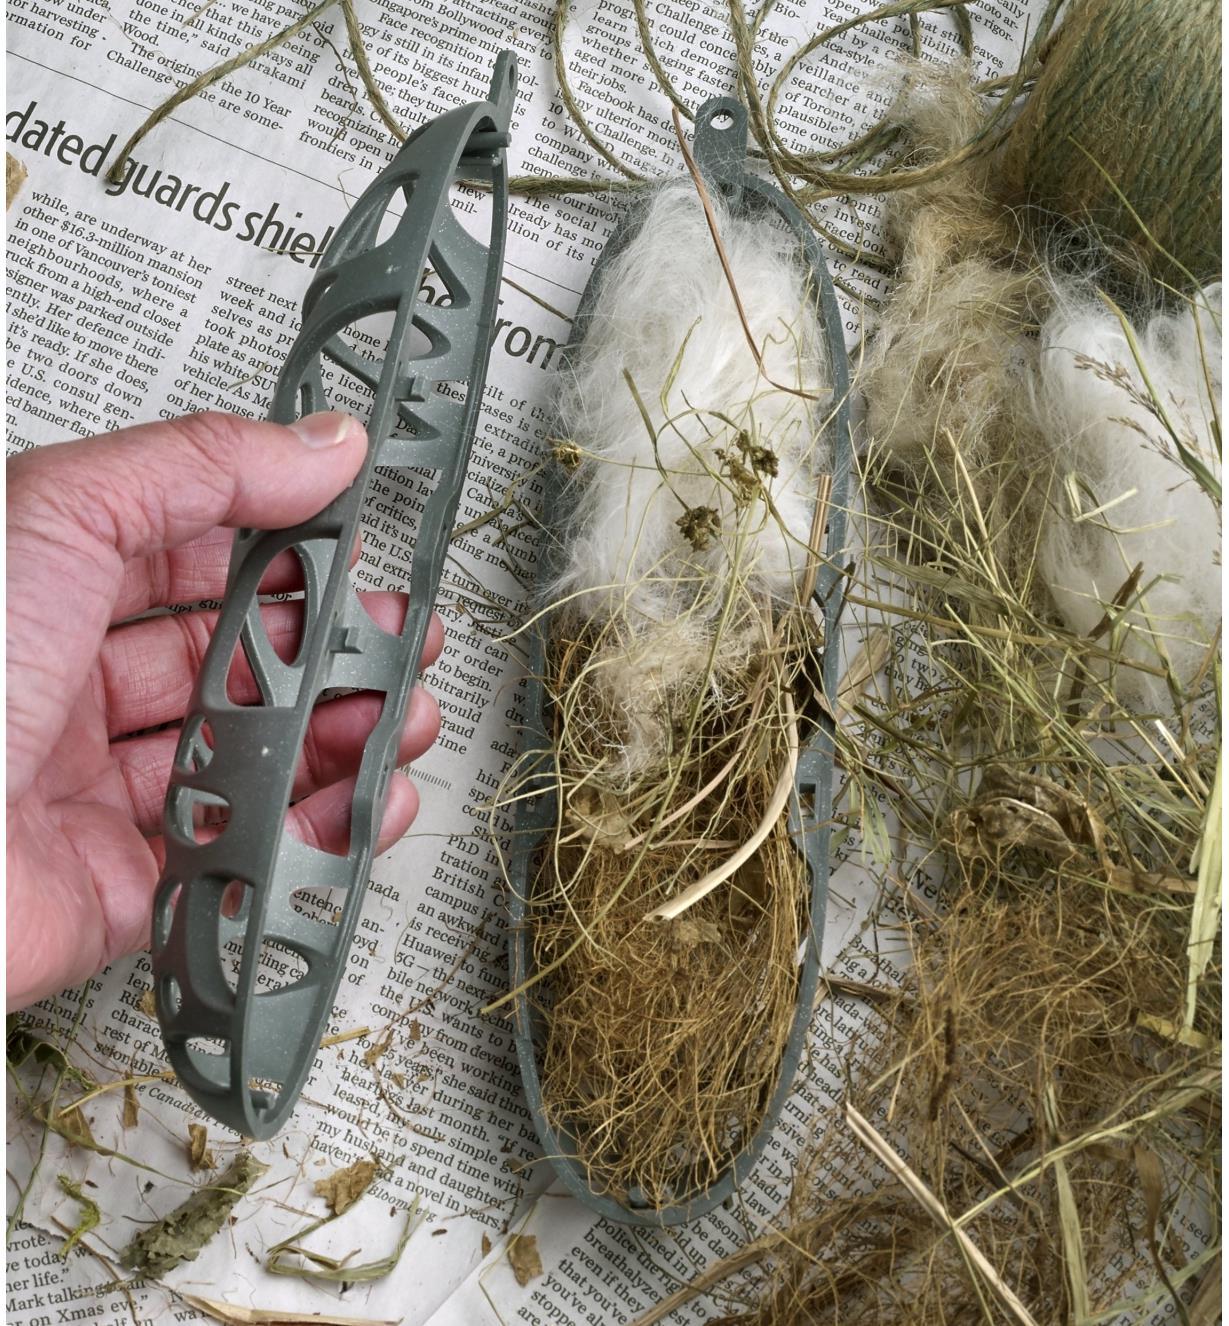 Mangeoire à suif pour oiseaux contenant des poils d'animaux, de la ficelle et de la paille pour aider les oiseaux à construire leur nid